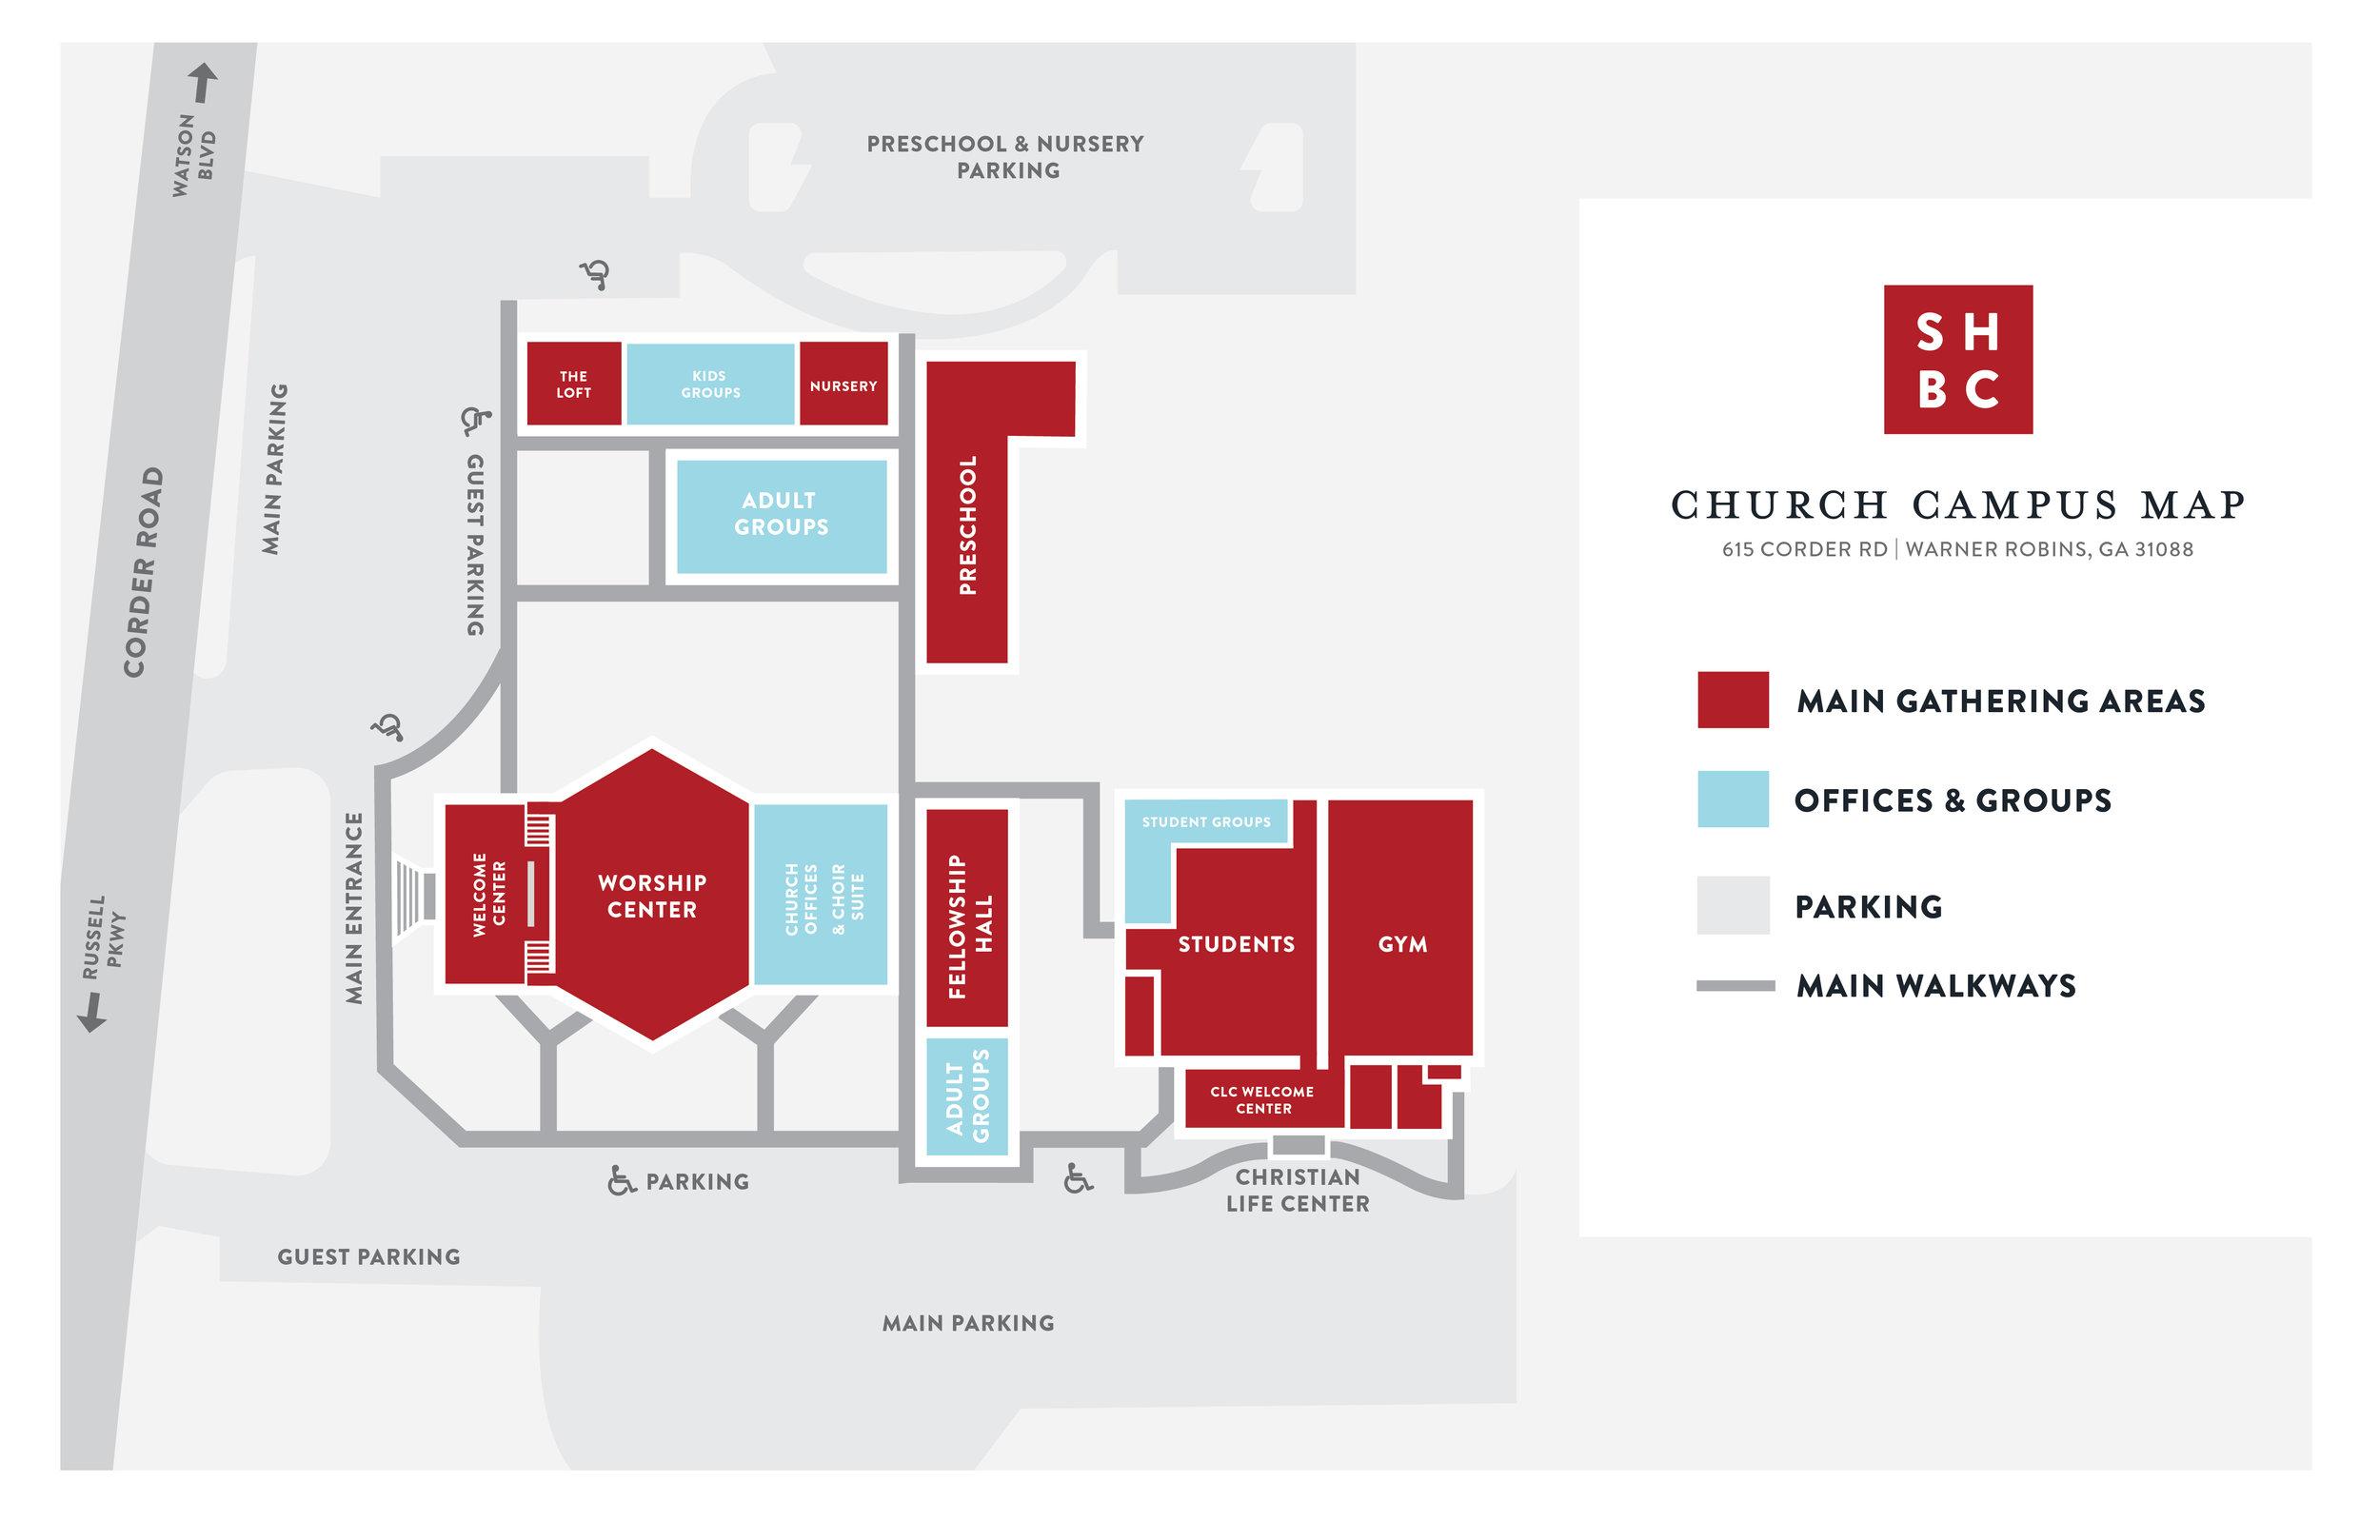 SHBC_ChurchMap-01.jpg